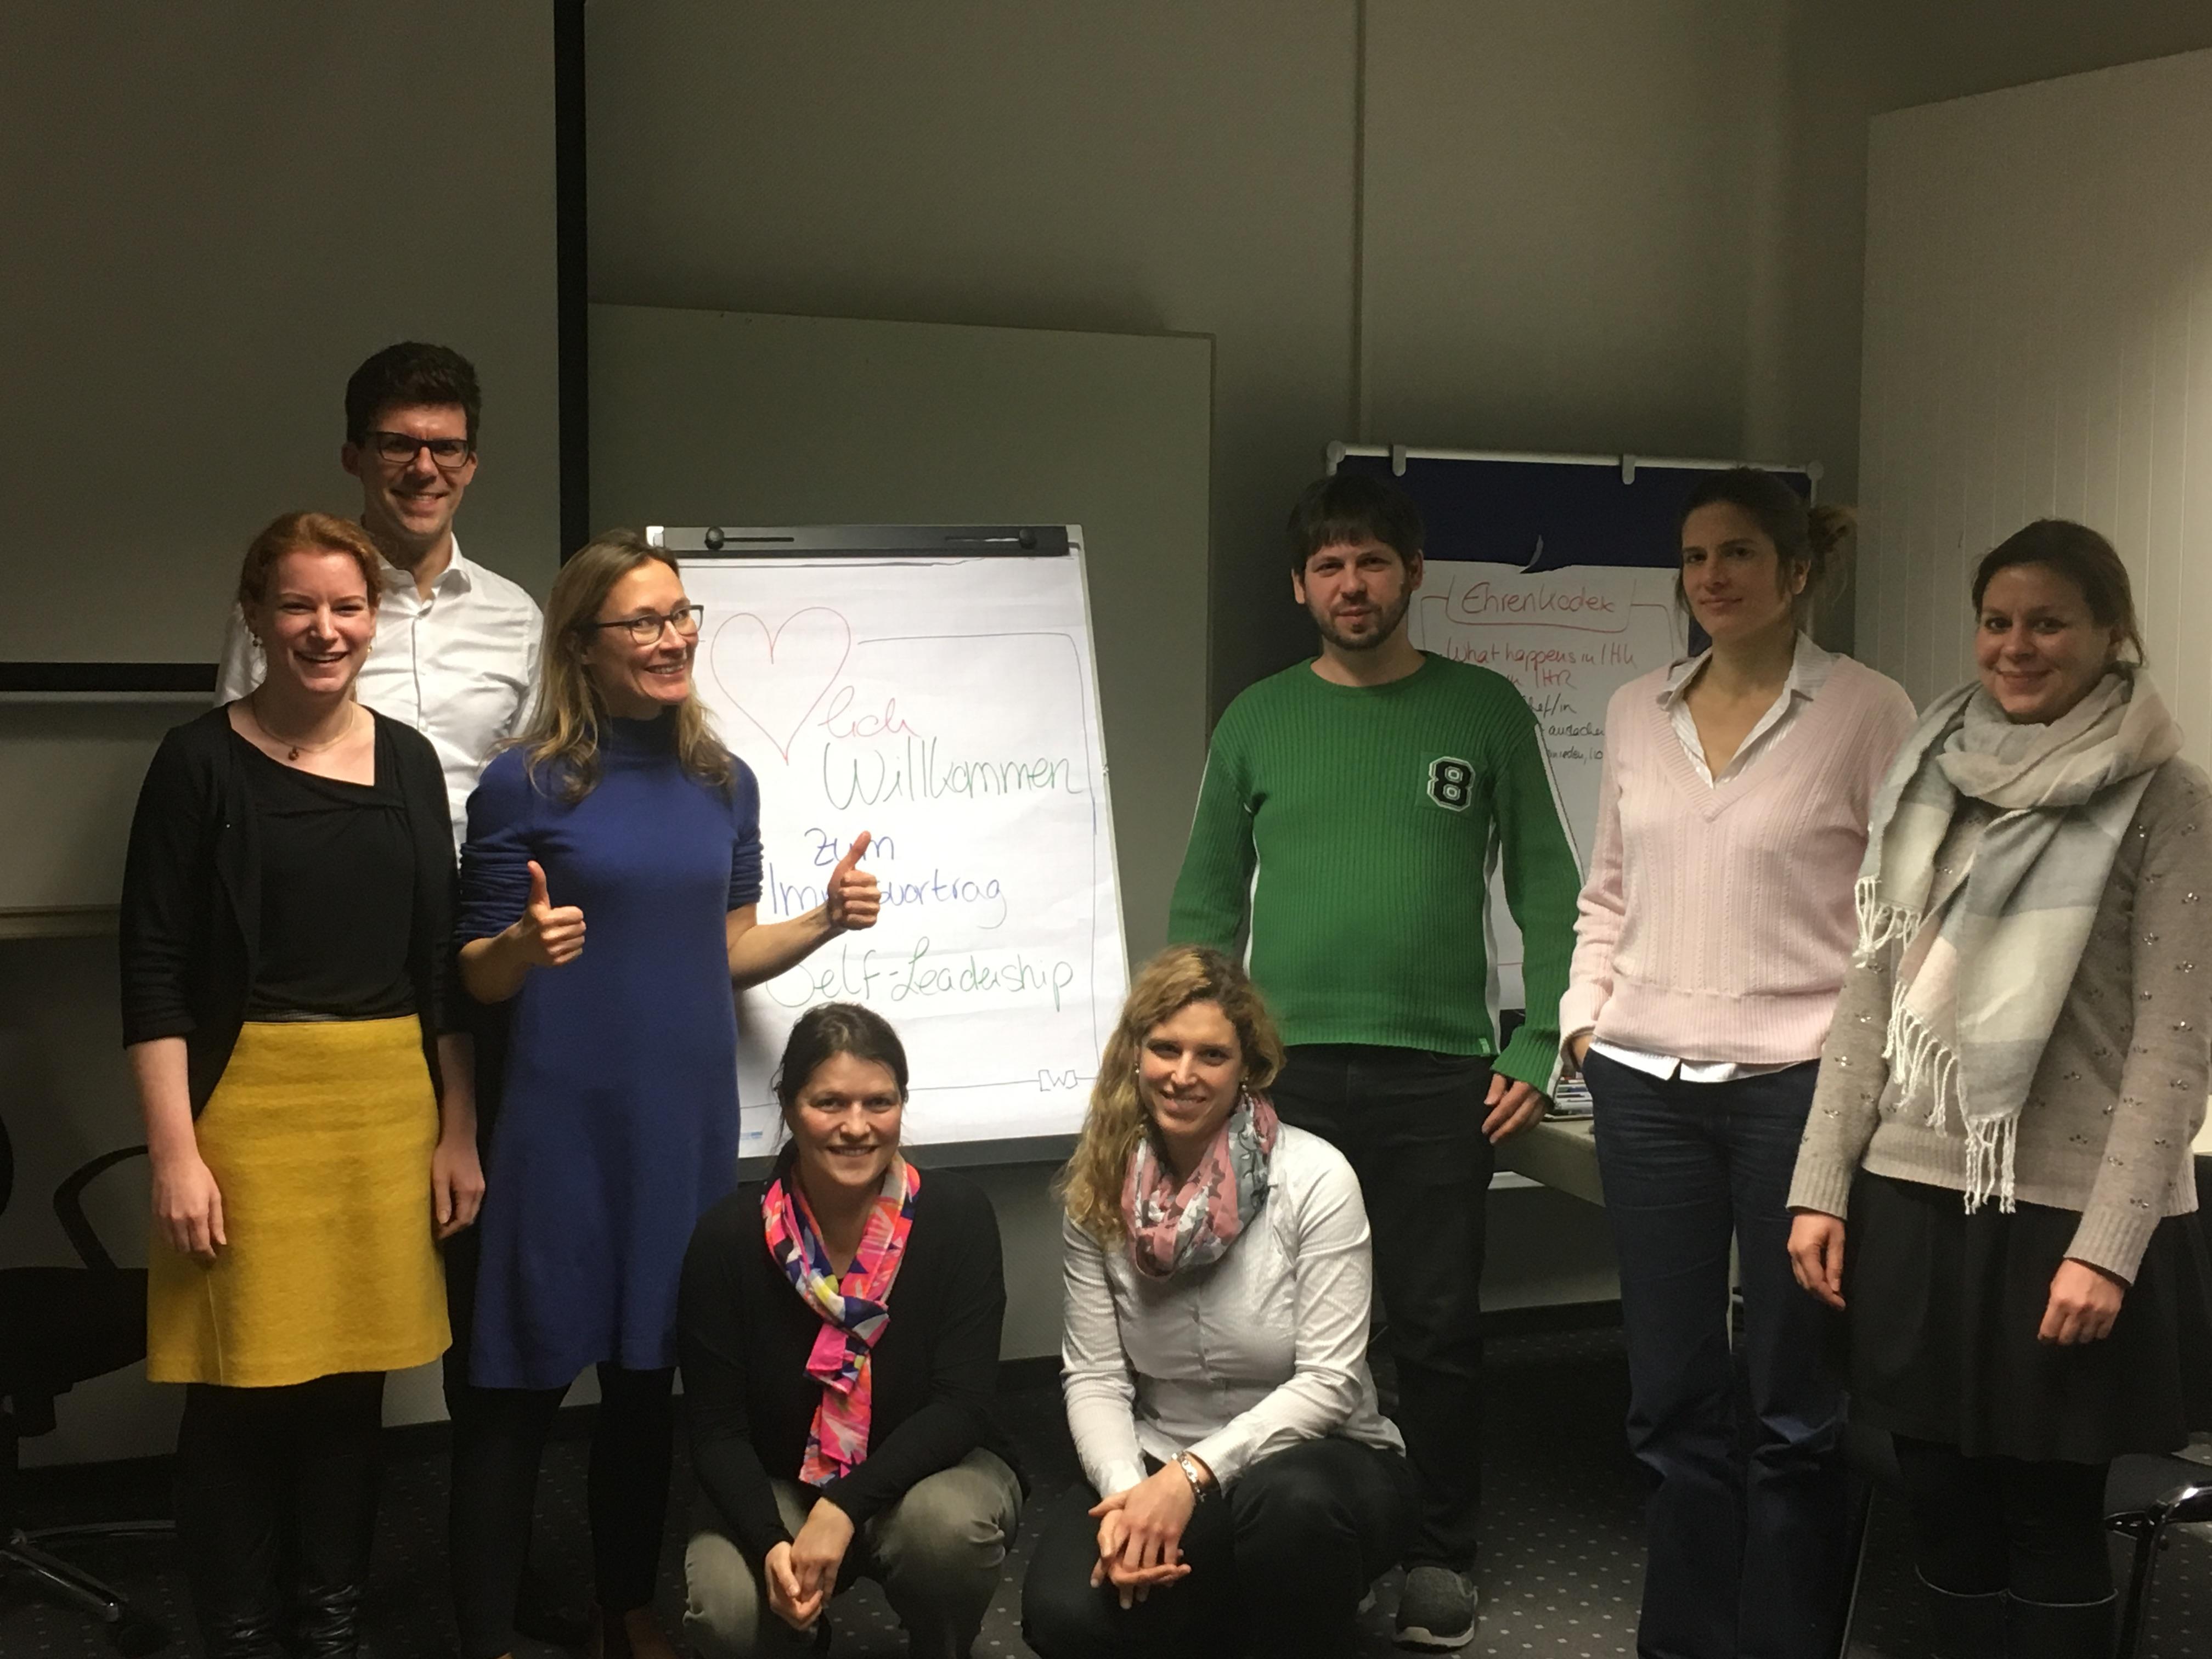 Wirtschaftsjunioren Mainz (Rheinhessen) - Self-Leadership